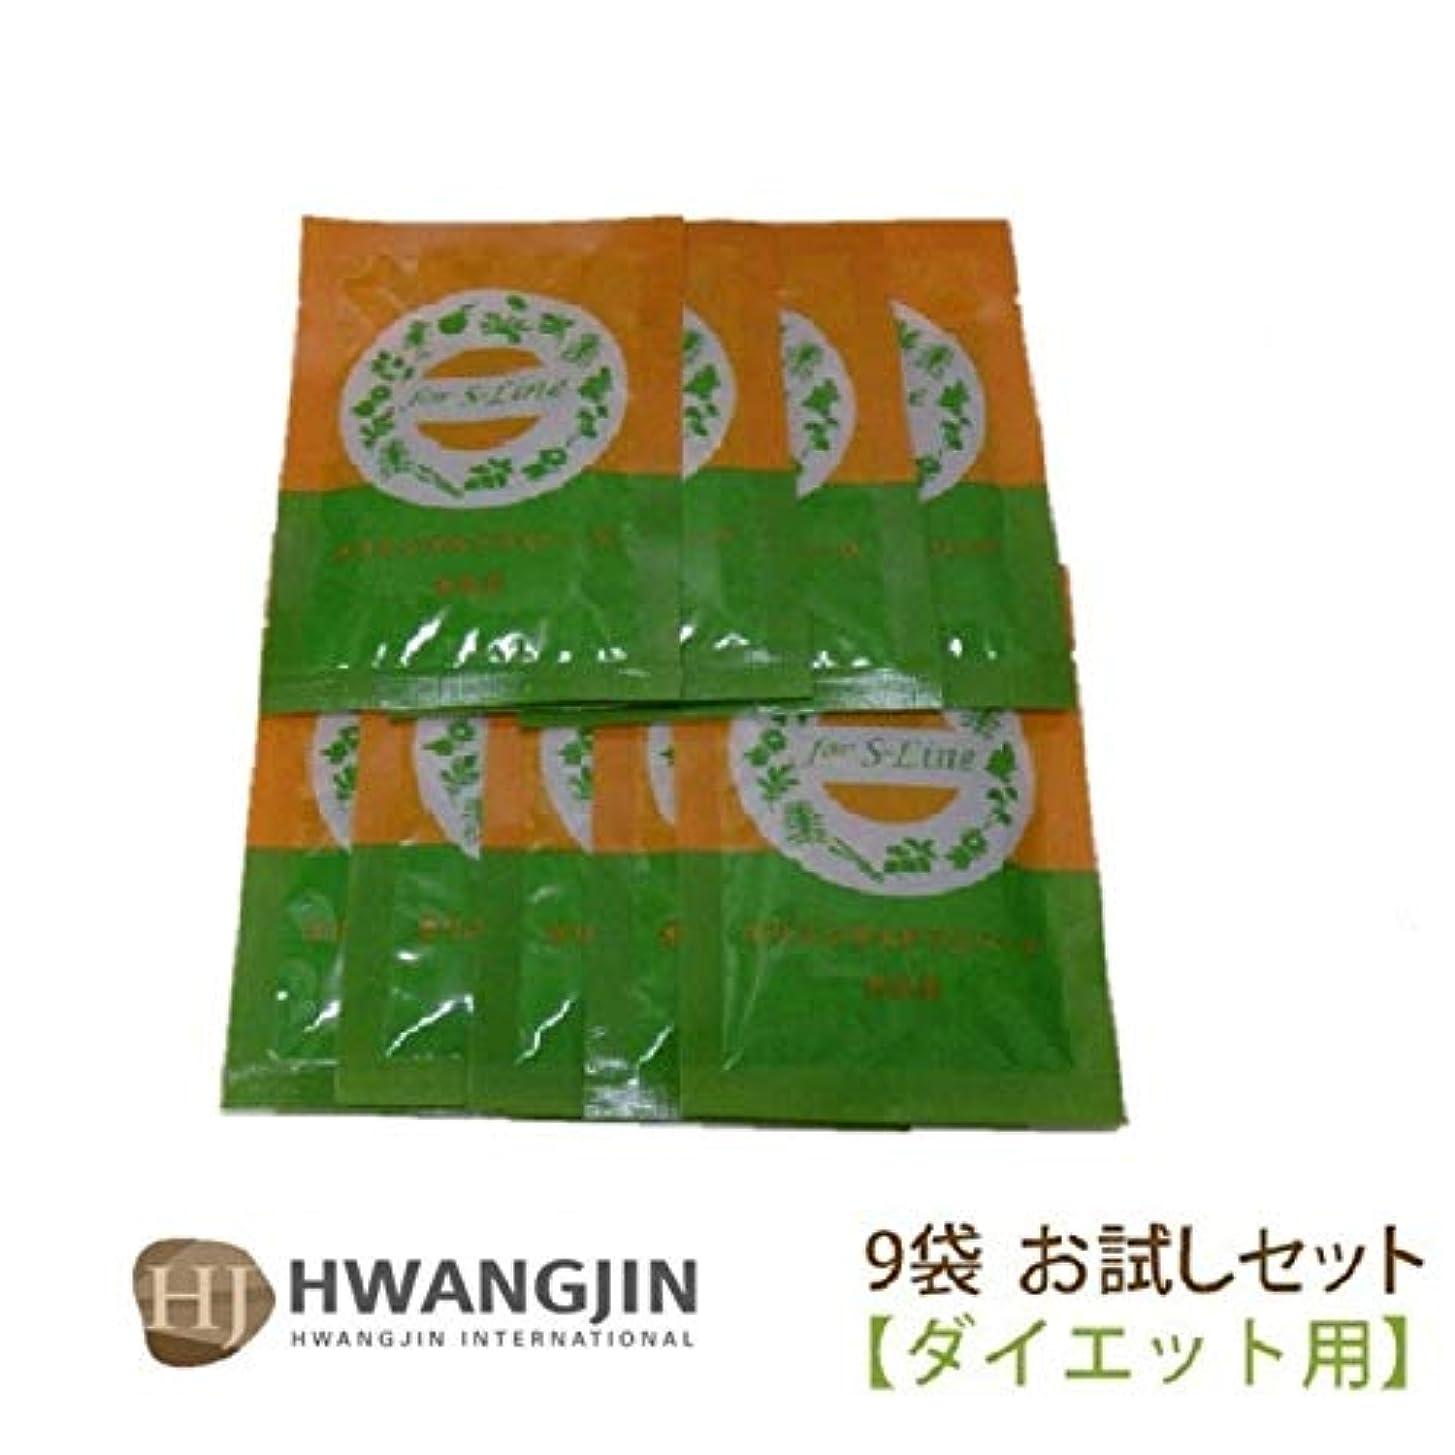 パイロット愛情裸ファンジン黄土 座浴剤 9袋 正規品 (S-Line (ダイエット用) 9袋)